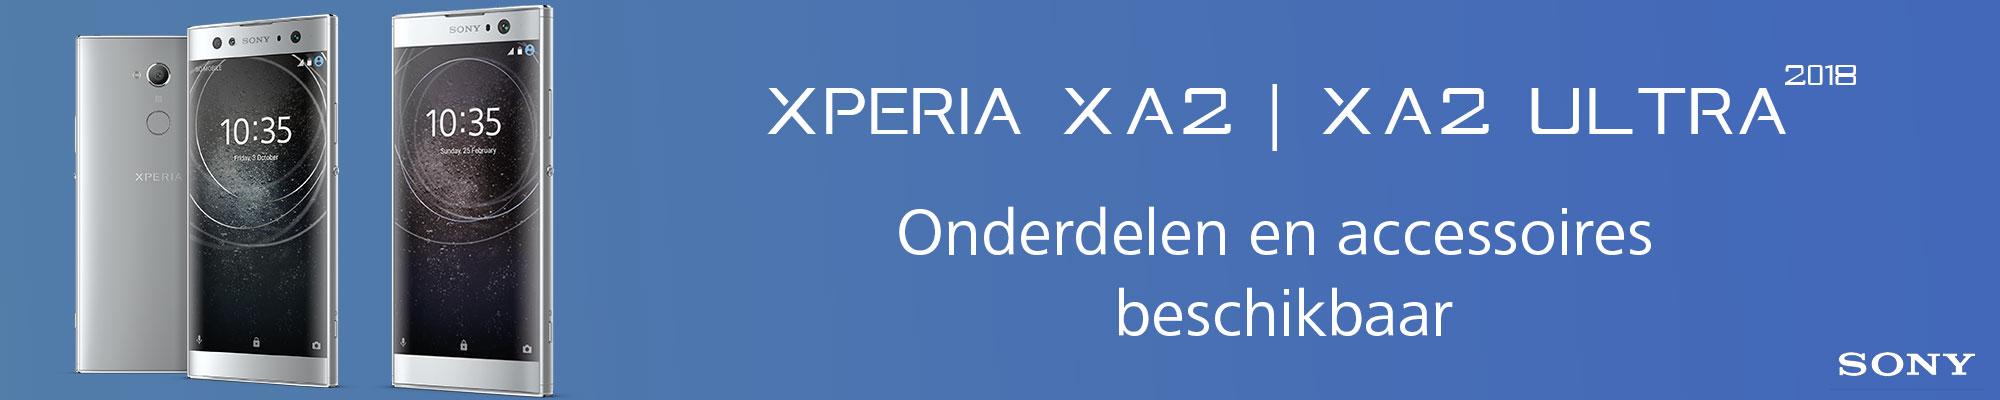 Nieuwe onderdelen voor de Sony Xperia XA2 en XA2 Ultra bij GSM Parts Center